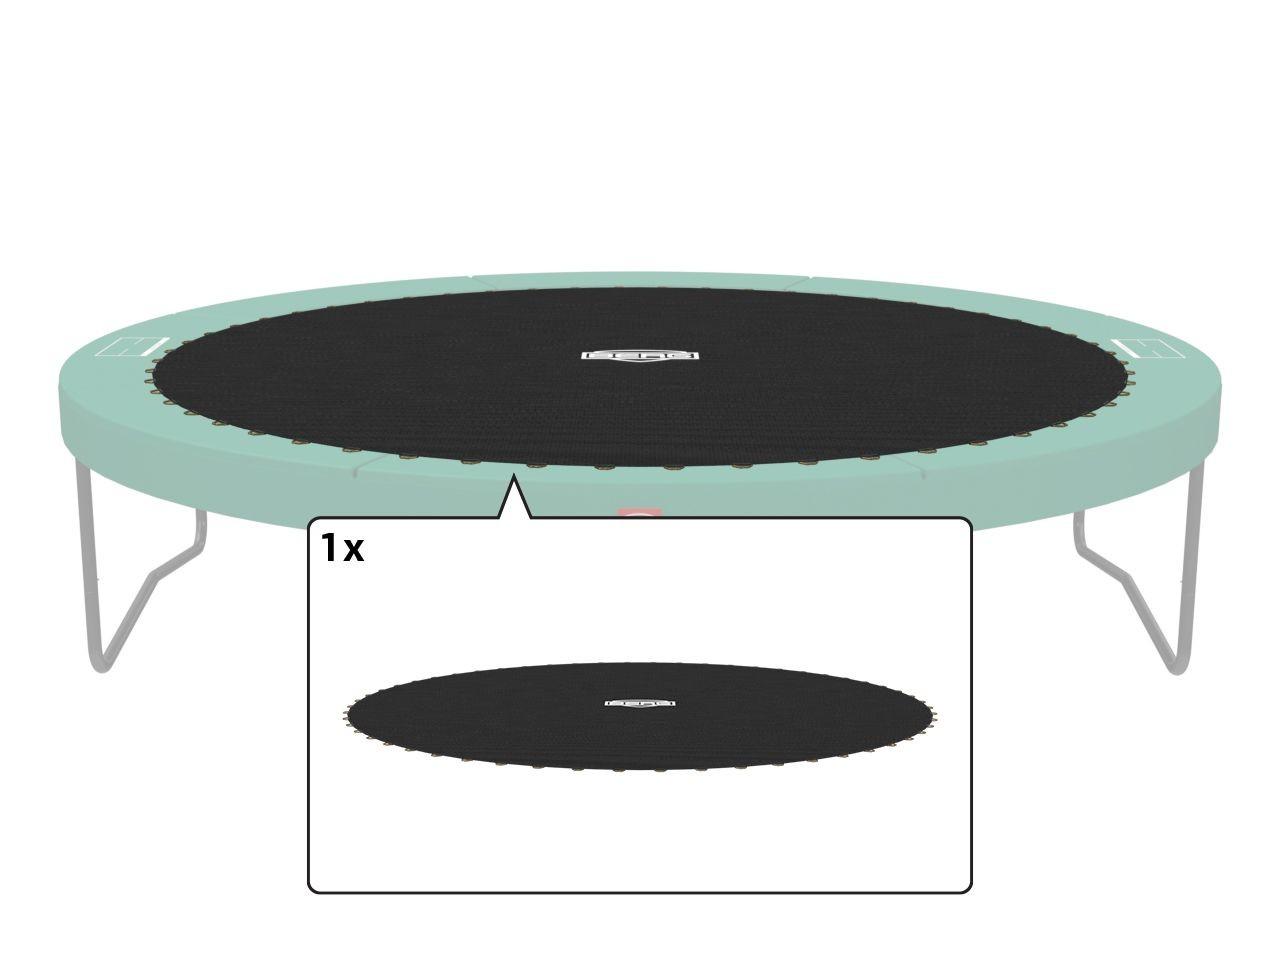 Champion - Jump mat 330 (11ft) (TwinSpring)